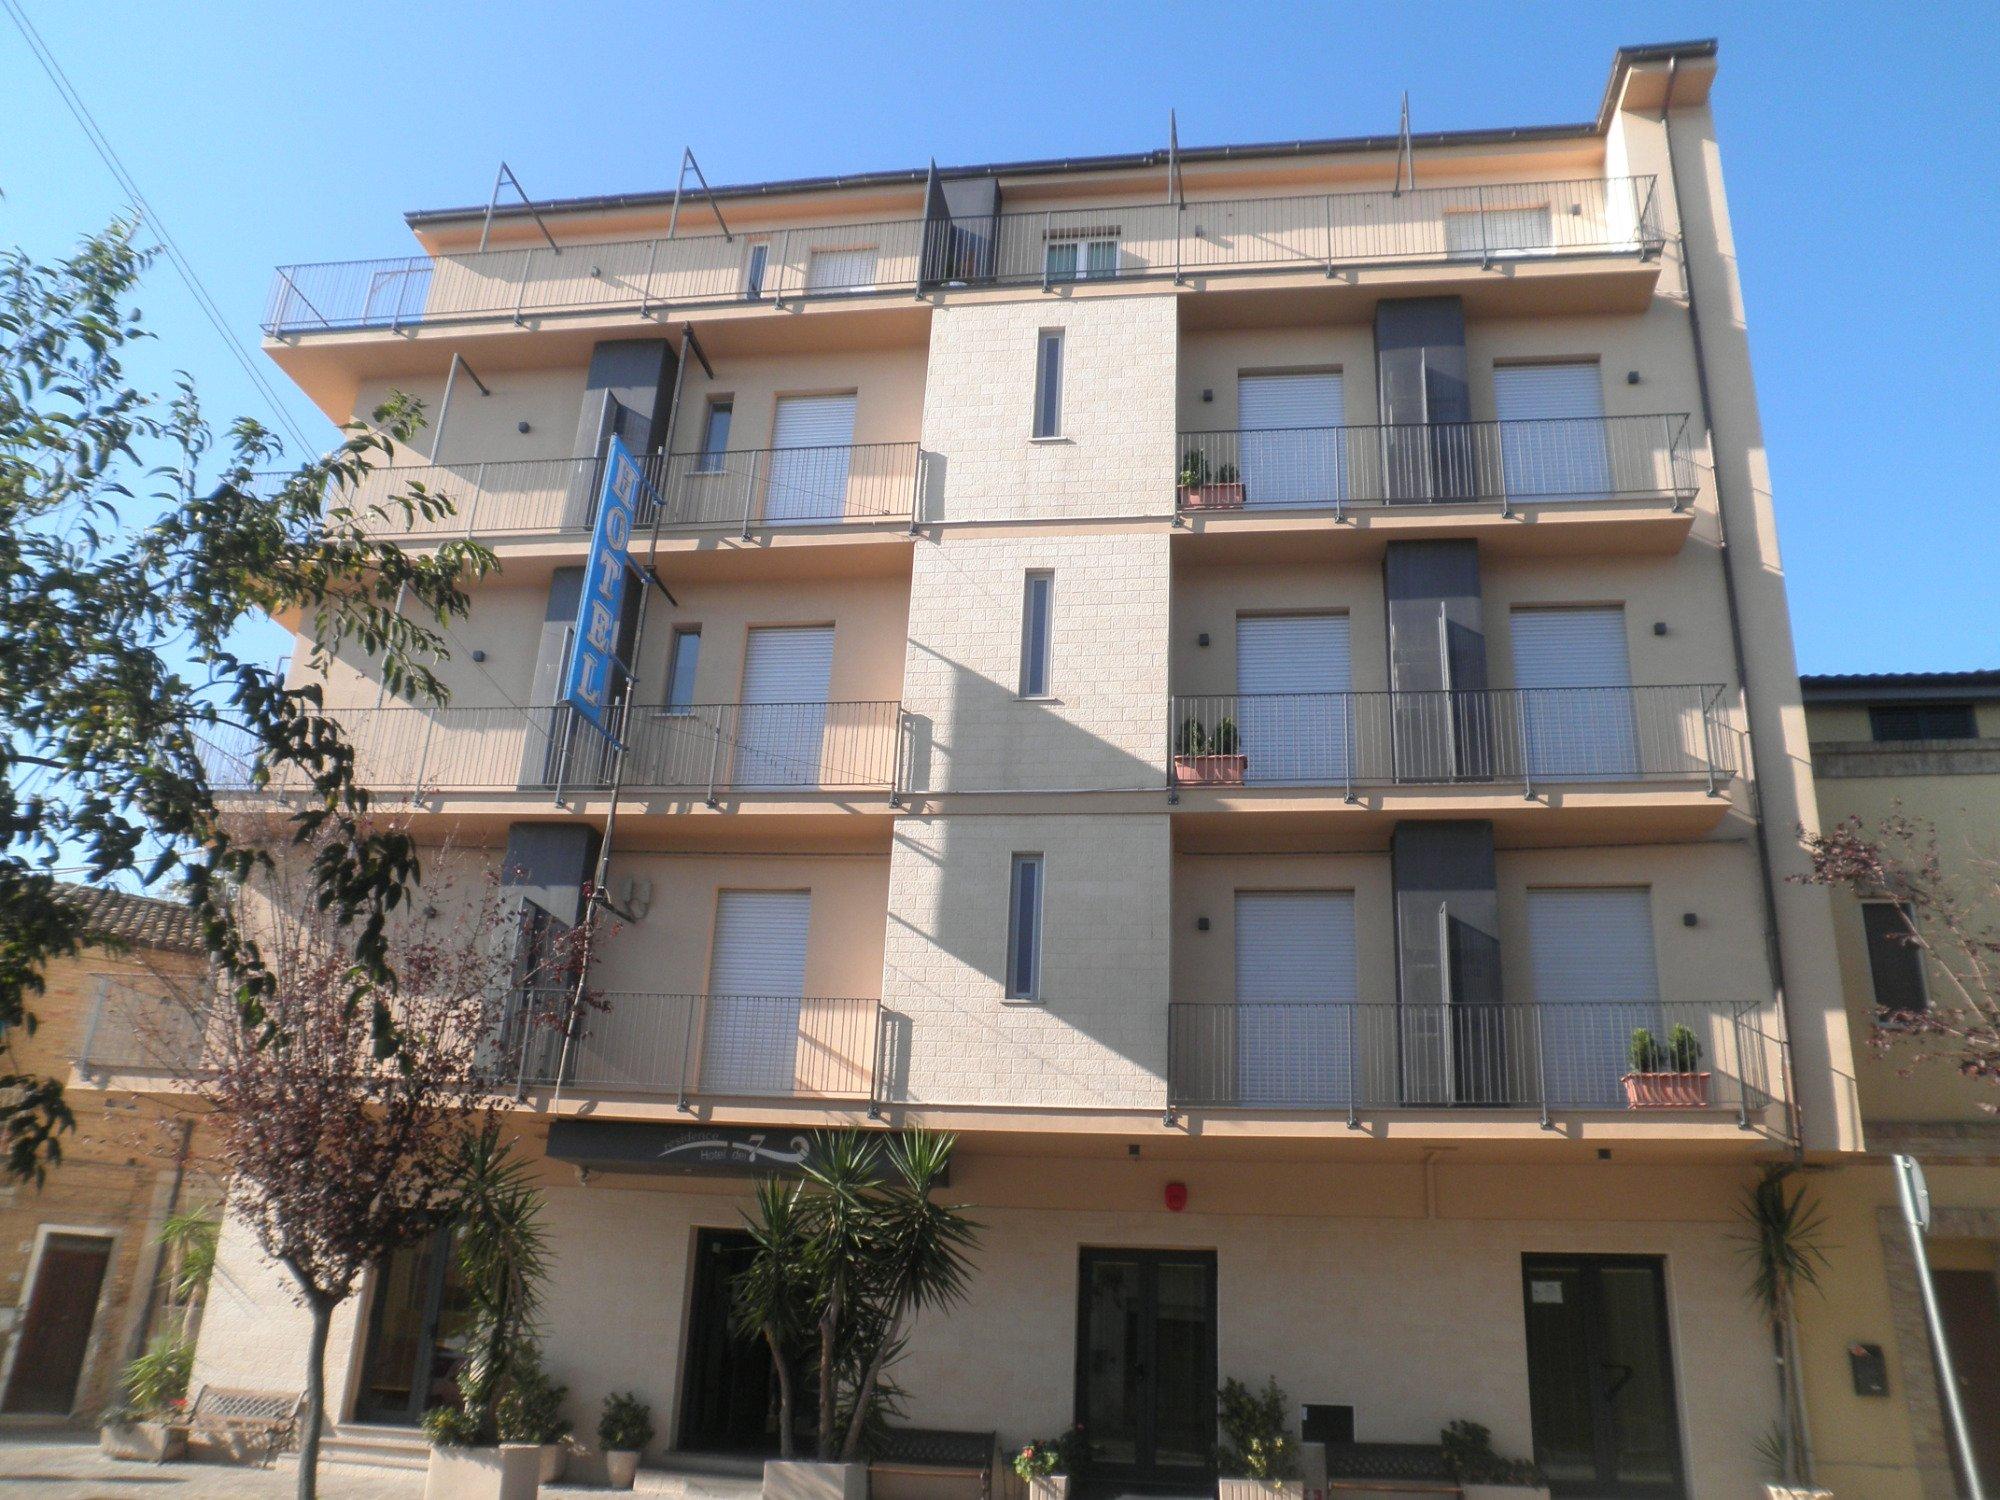 Hotel Dei 7